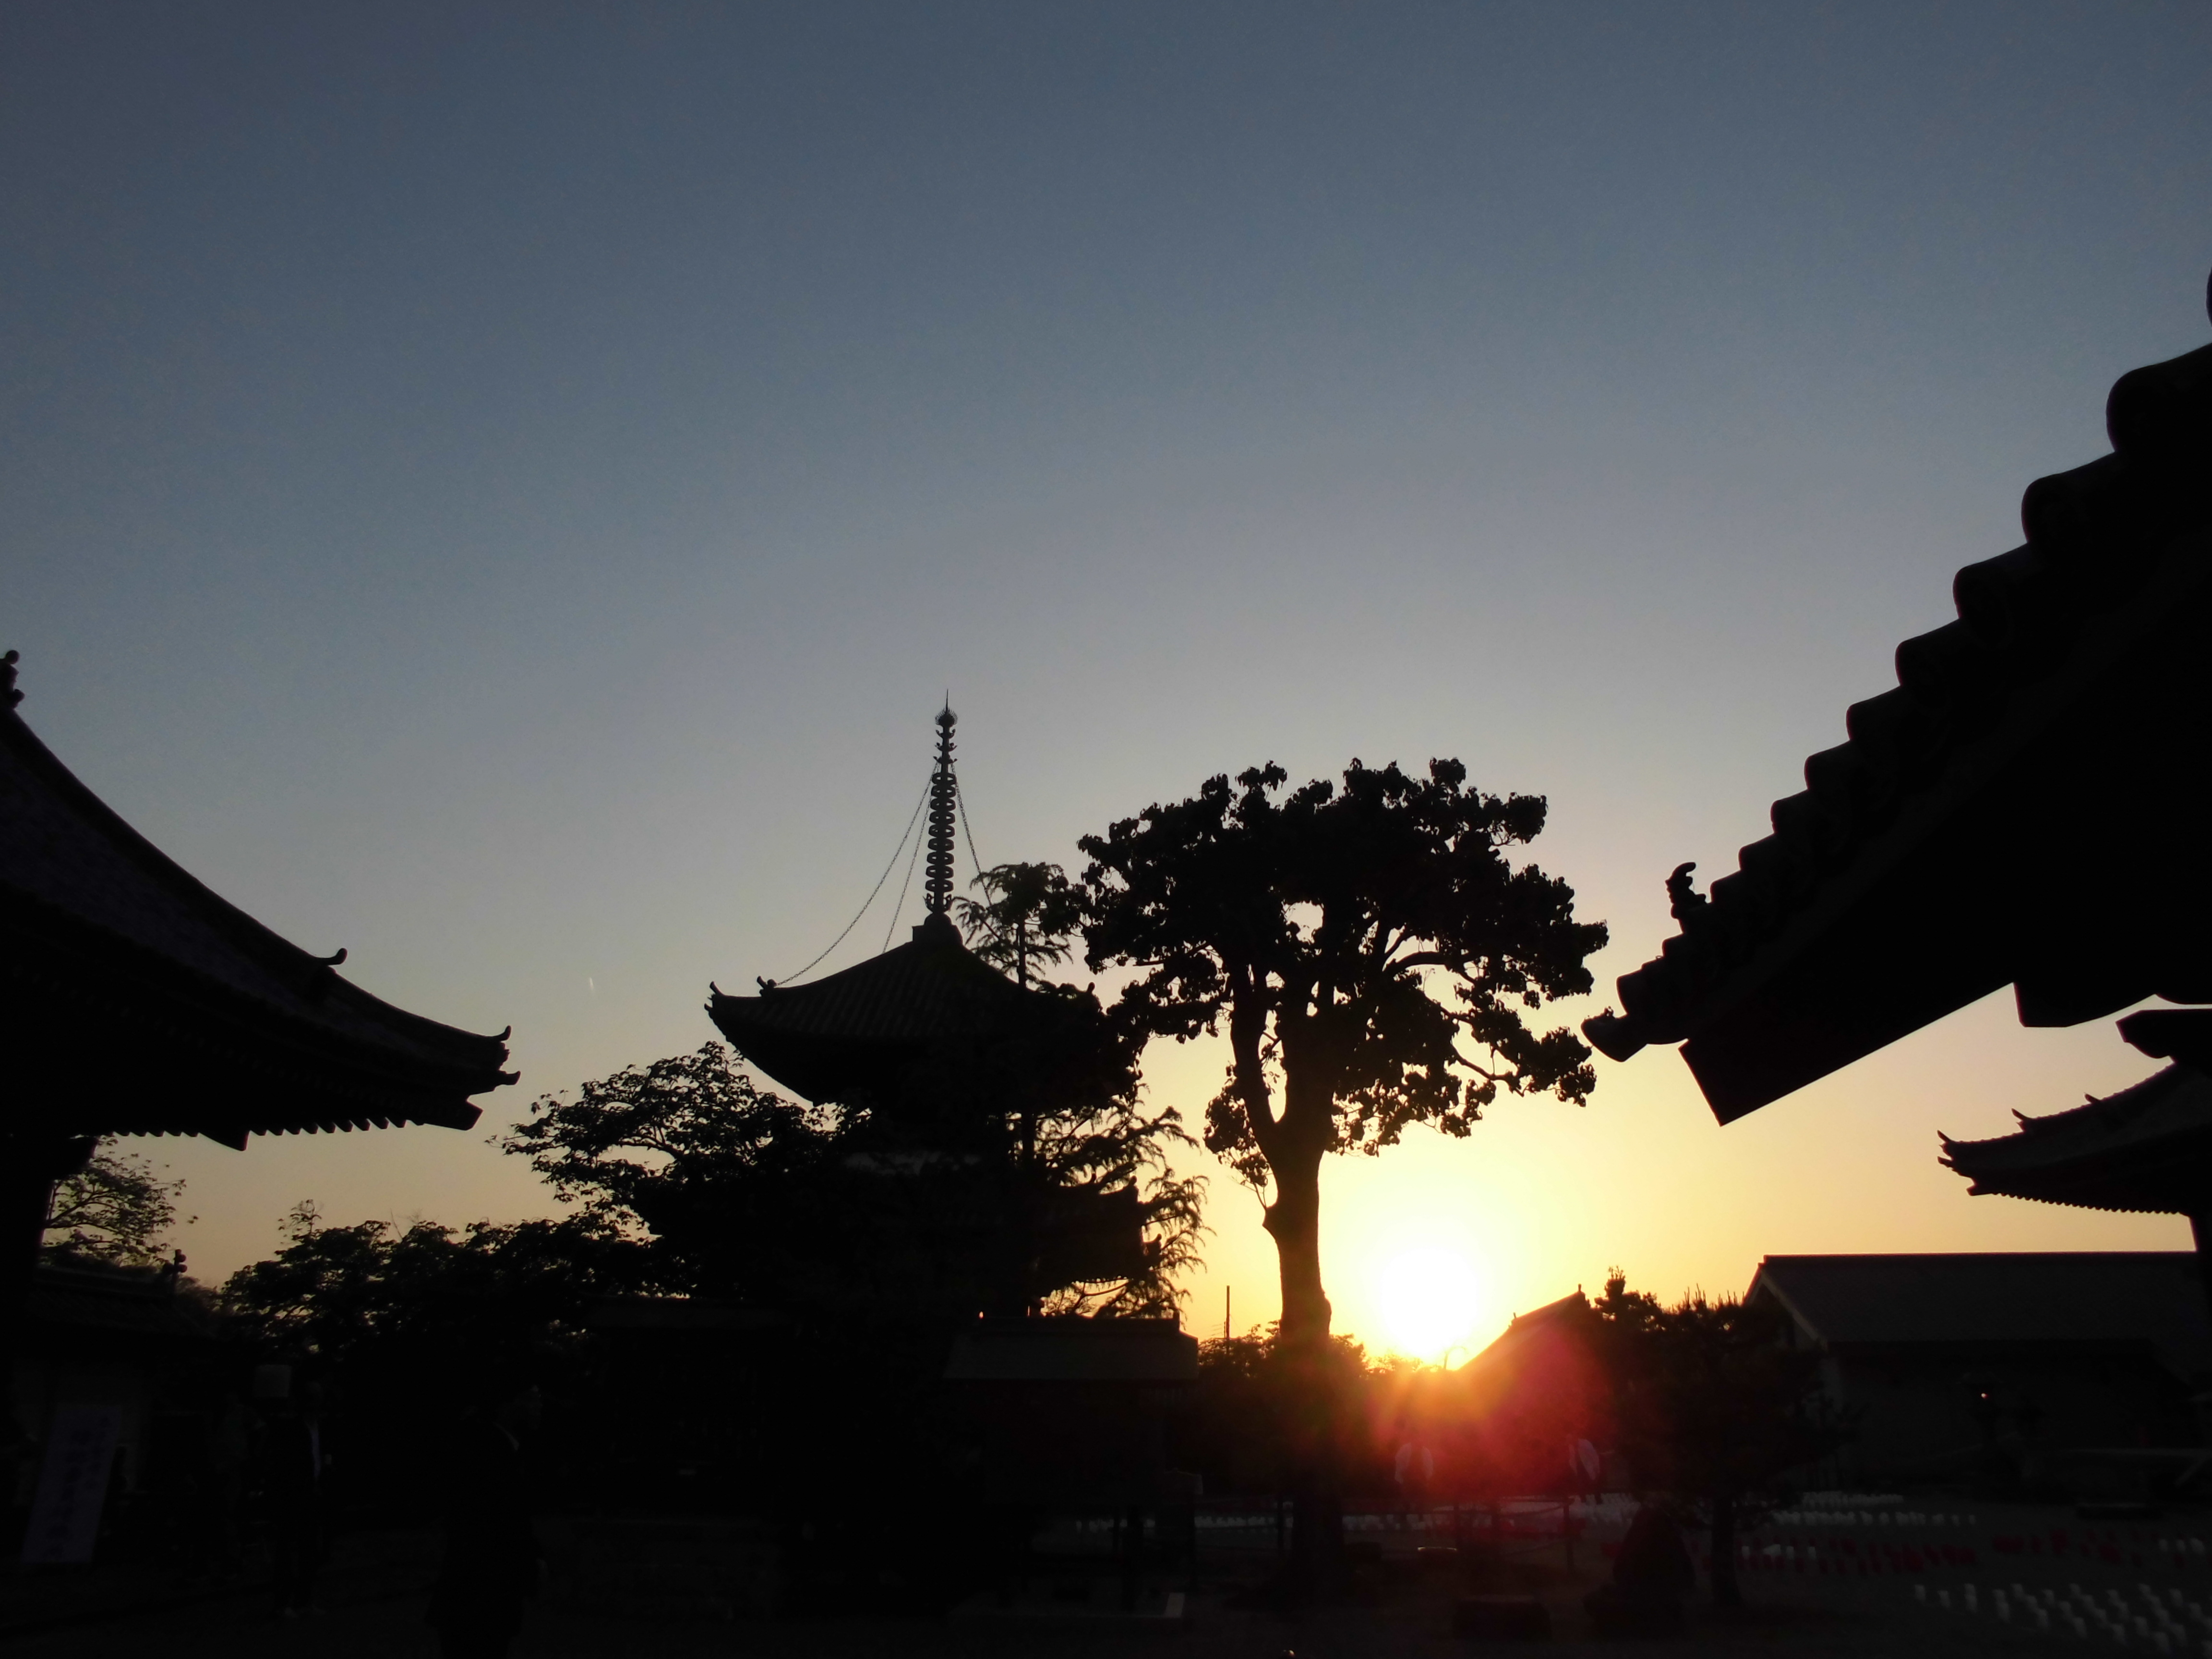 ここにもあった!!大阪、春の光のイベントに足を運んでみよう【太子聖燈会に行ってきました。by-VEGETAPSY】